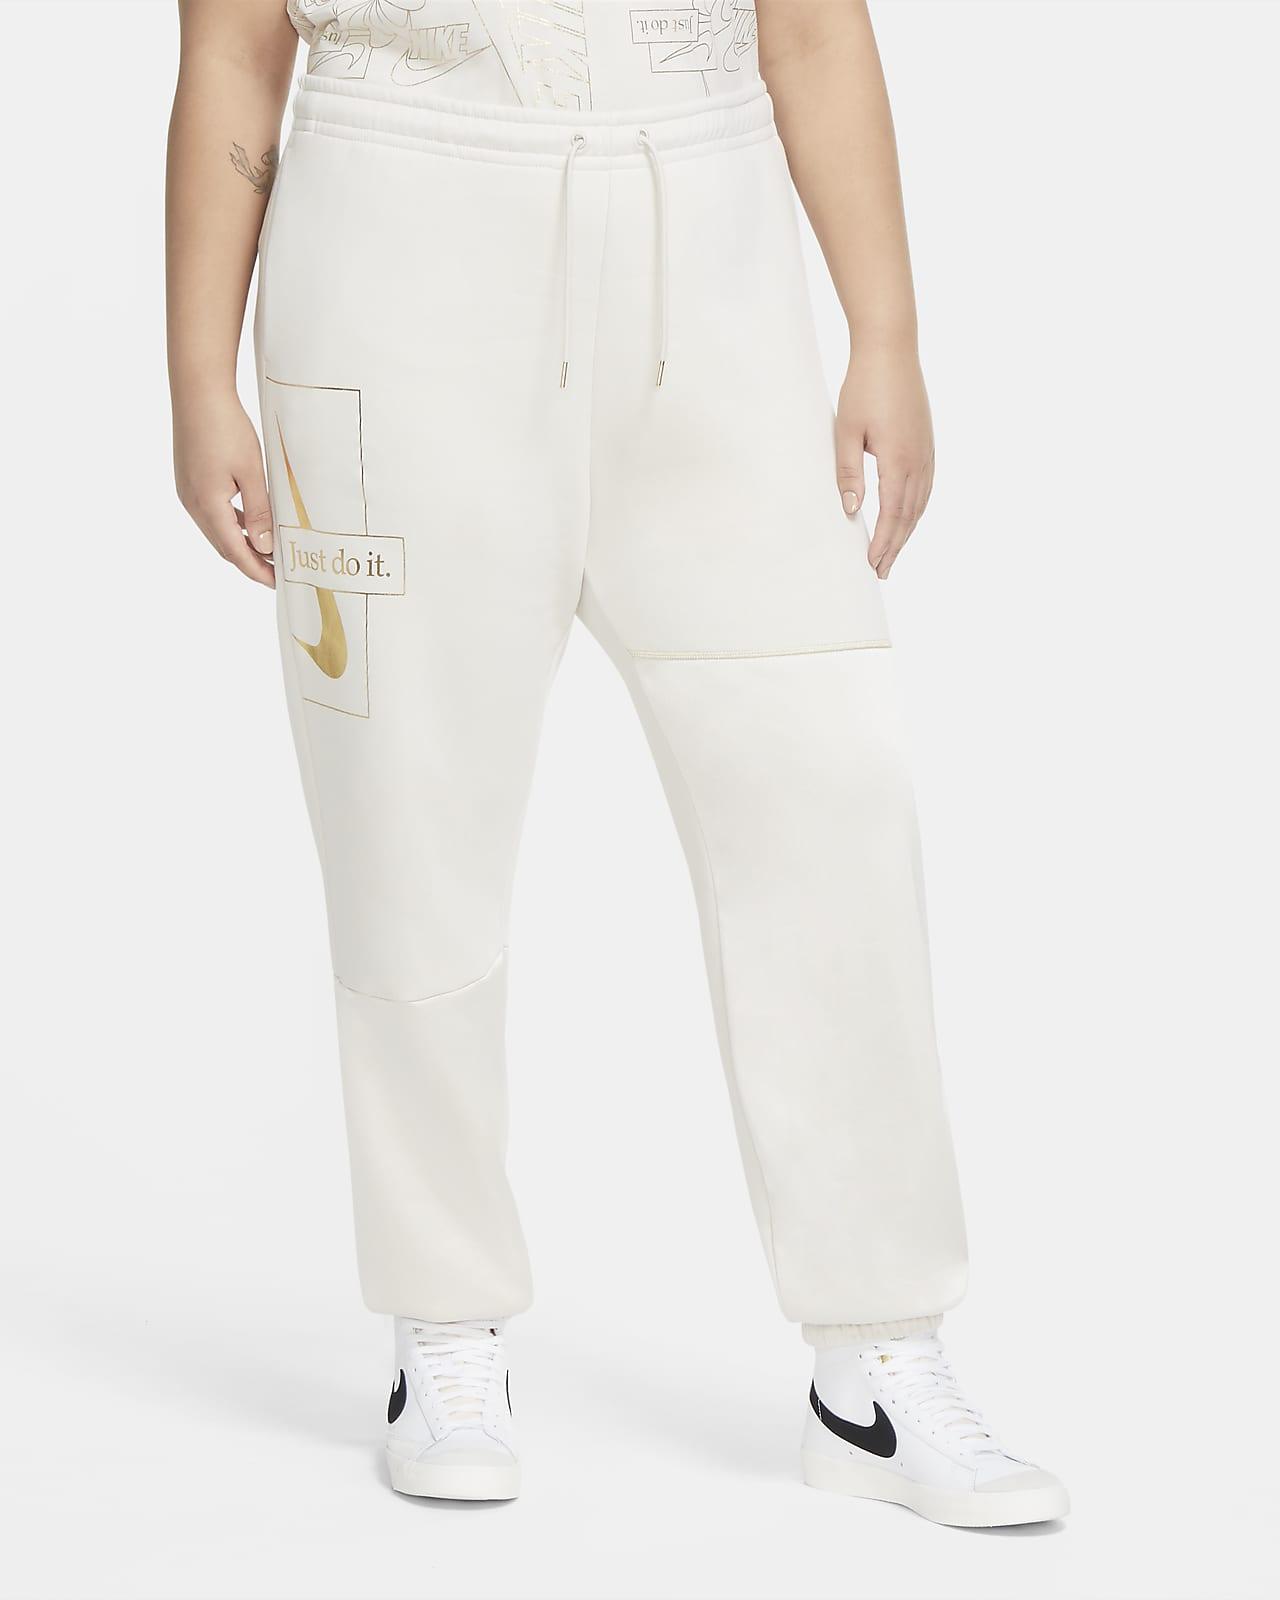 Nike Sportswear Icon Clash Women's Fleece Pants (Plus Size)